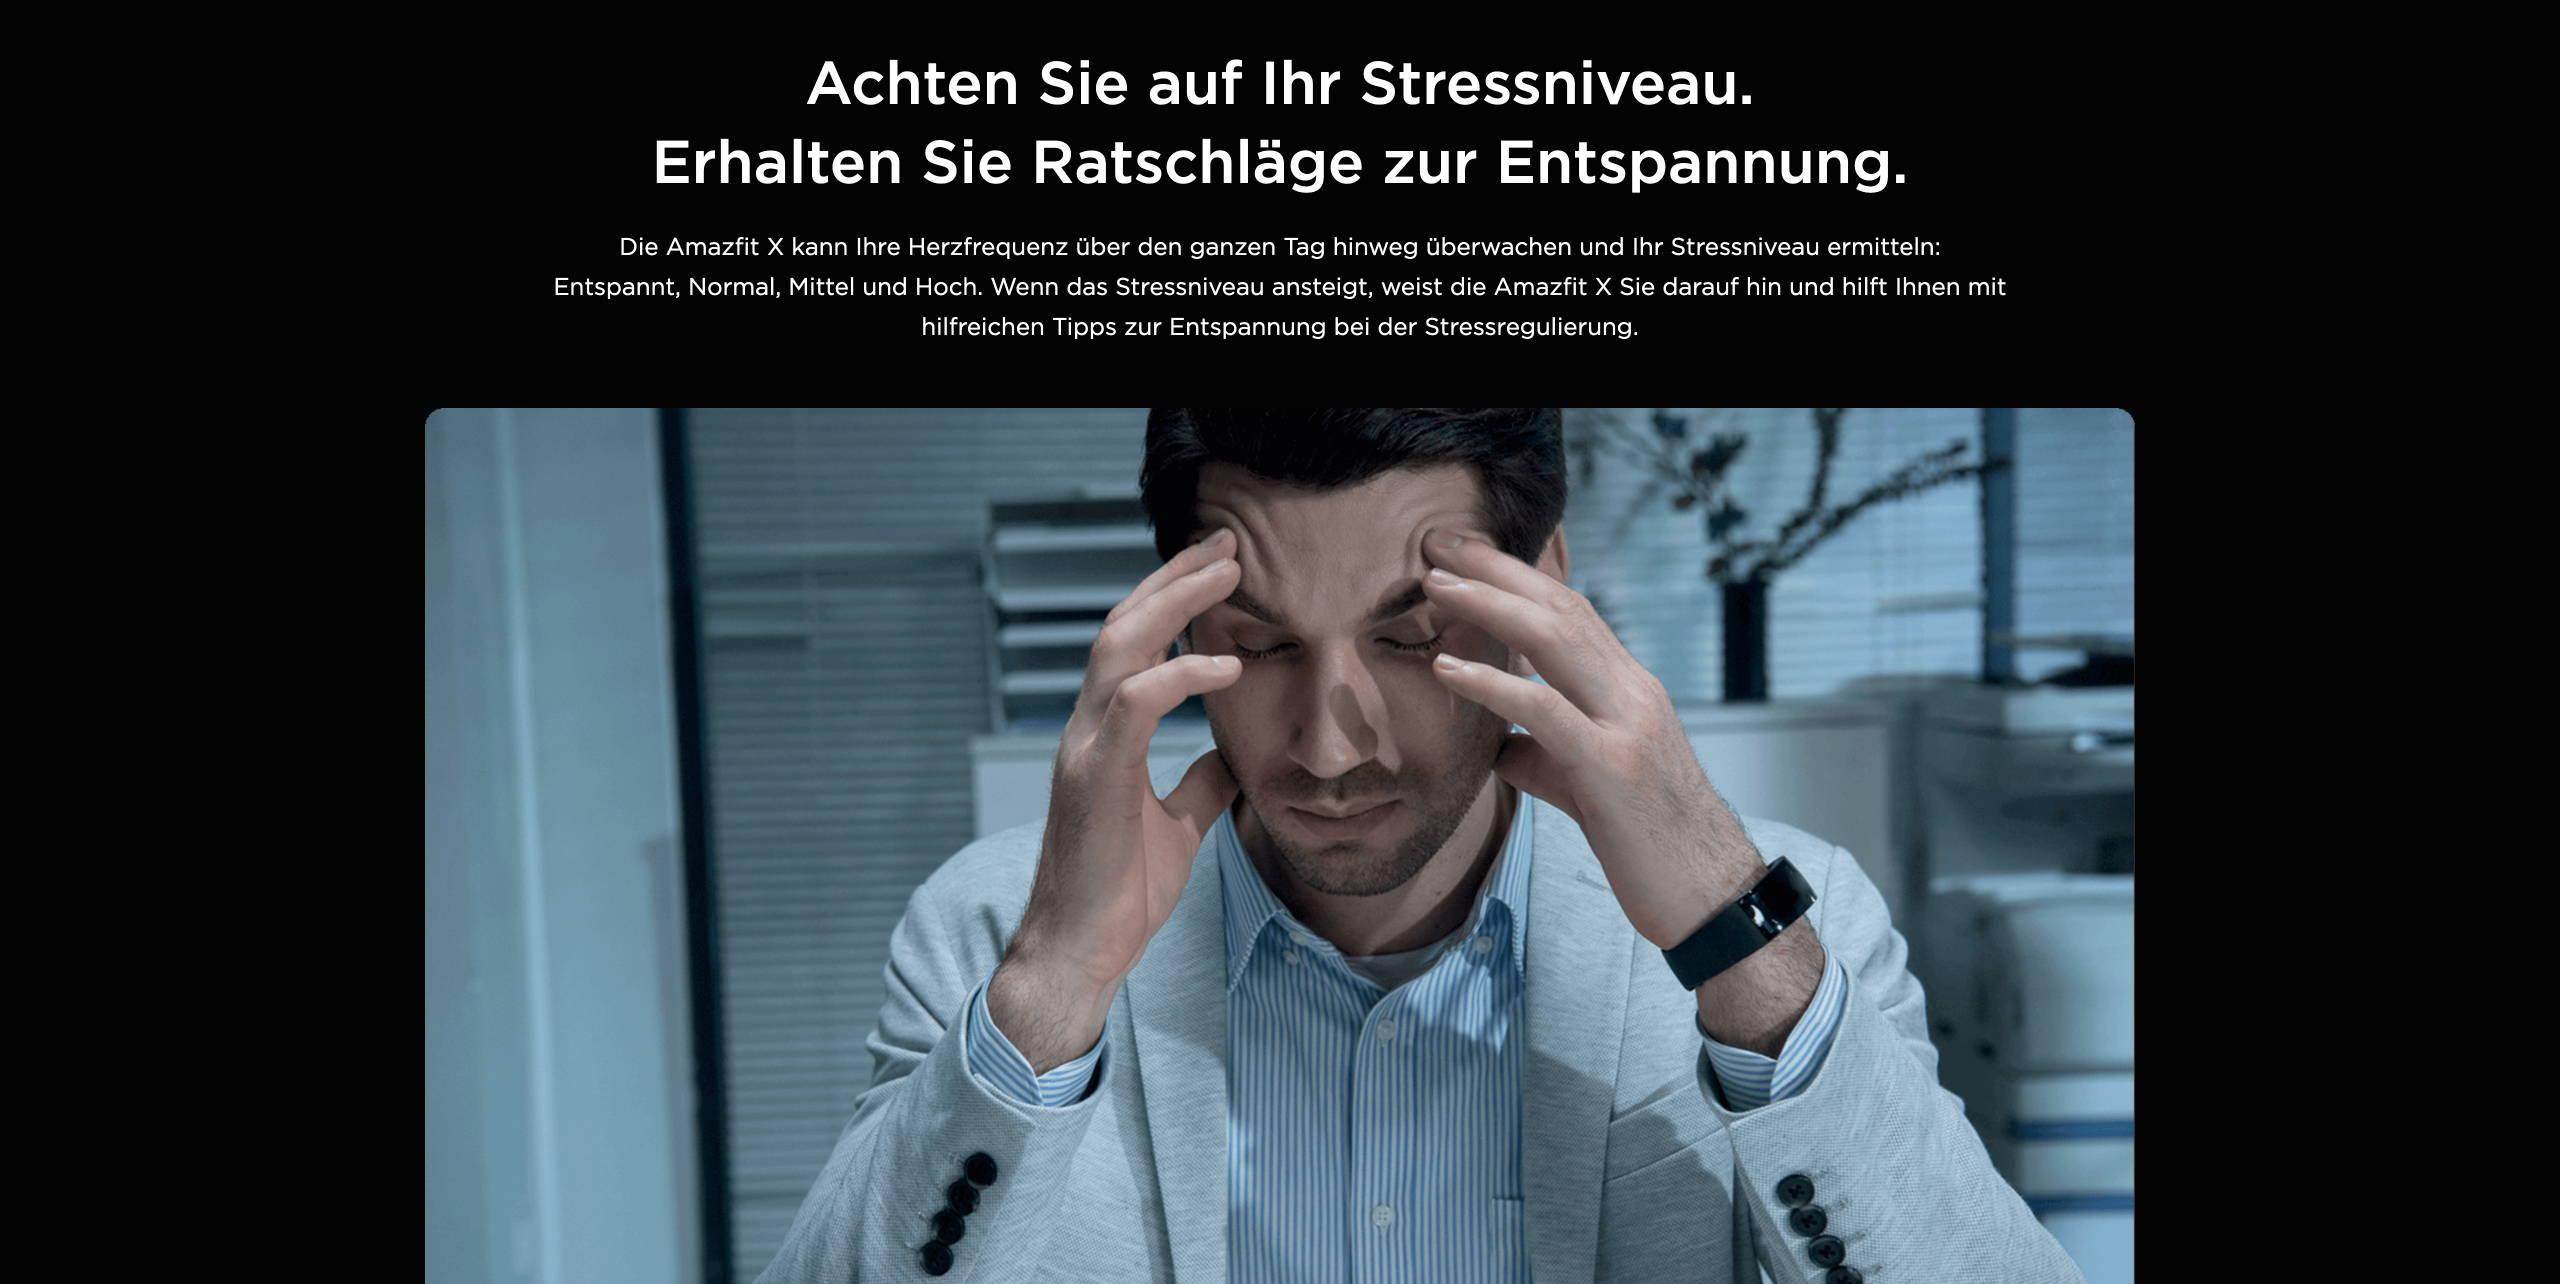 Amazfit X - Achten Sie auf Ihr Stressniveau. Erhalten Sie Ratschläge zur Entspannung.